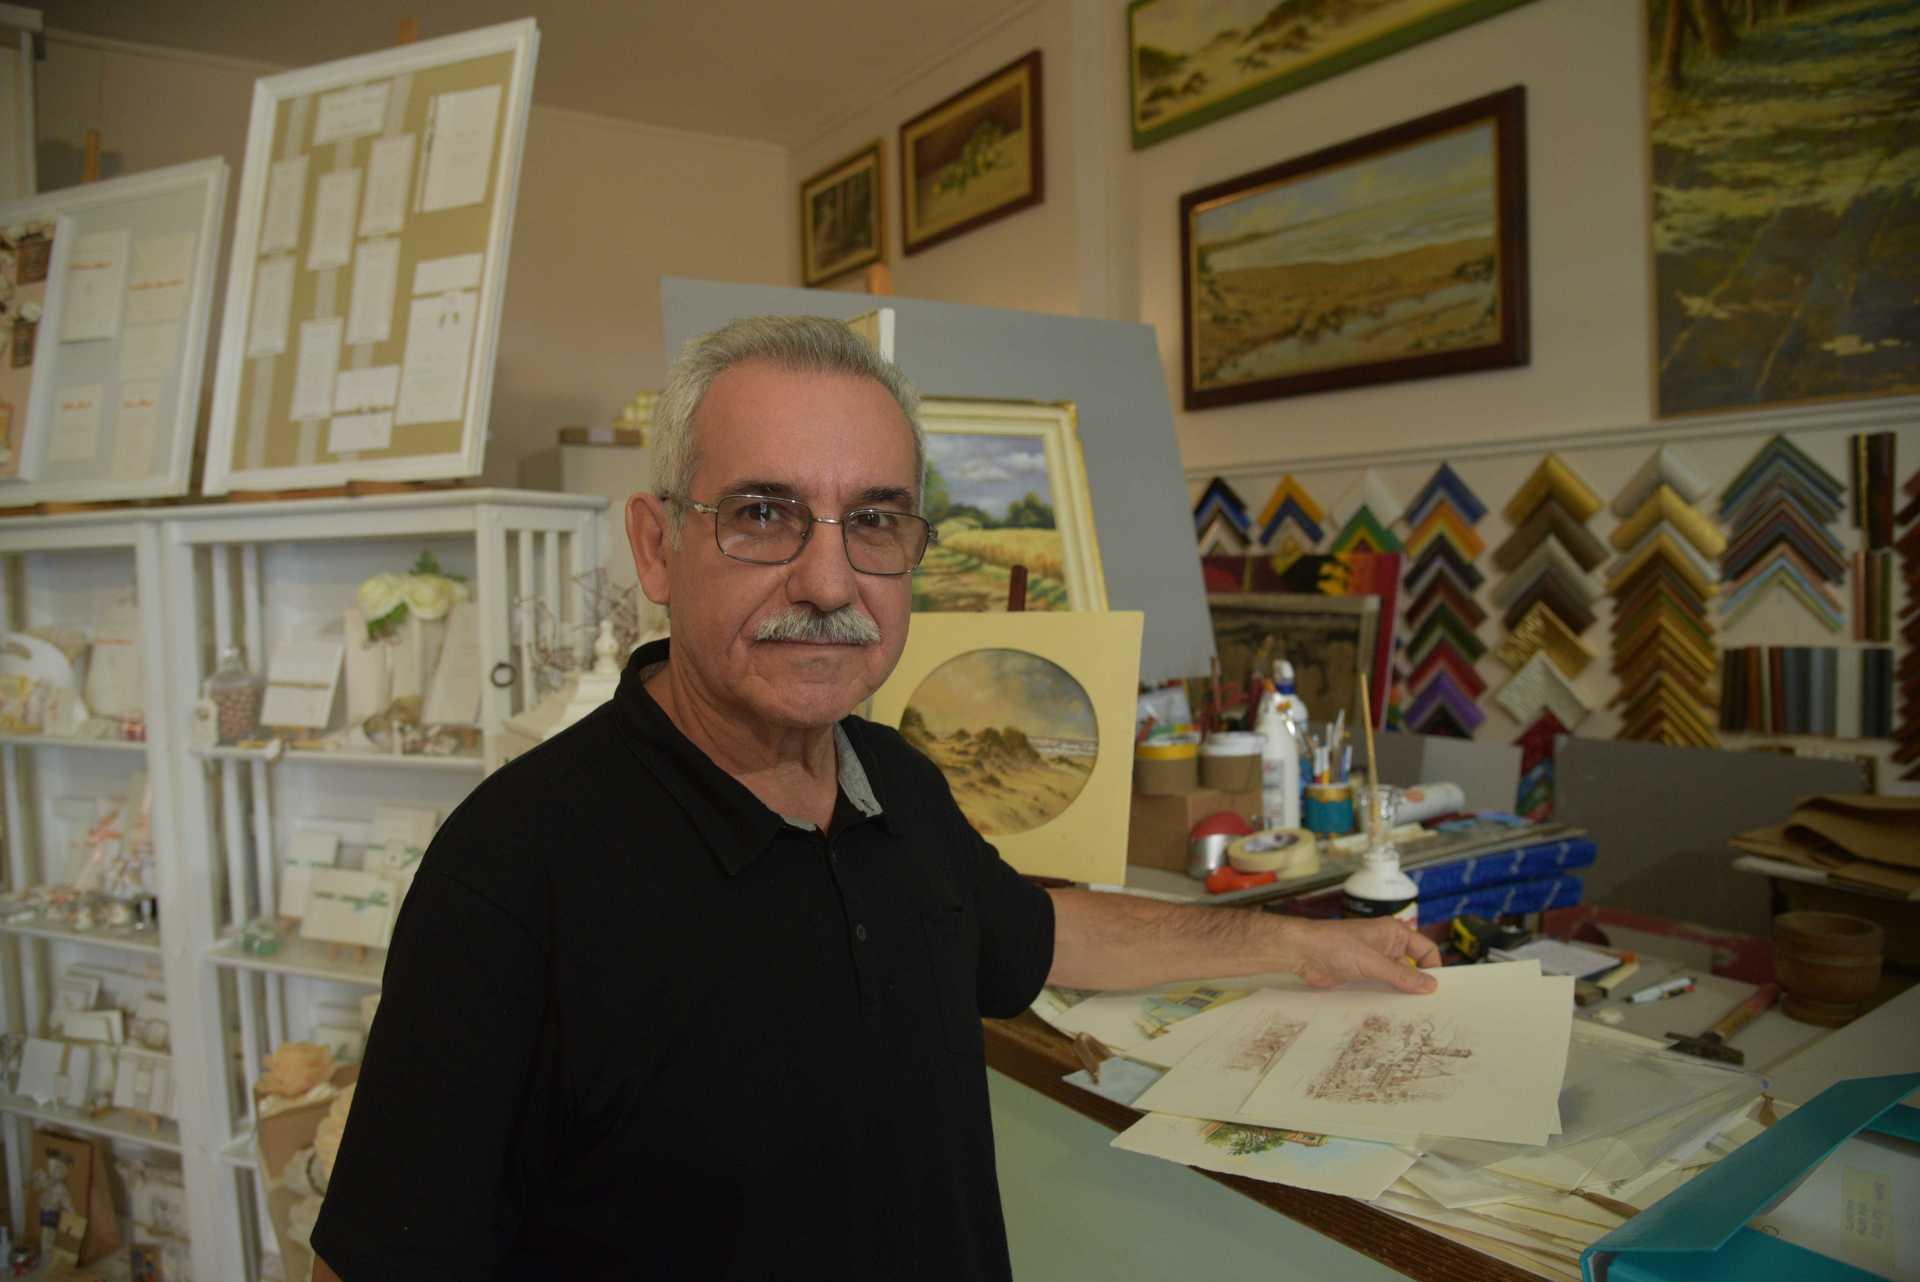 Clemente Caramaschi: come si fa a non dipingere?